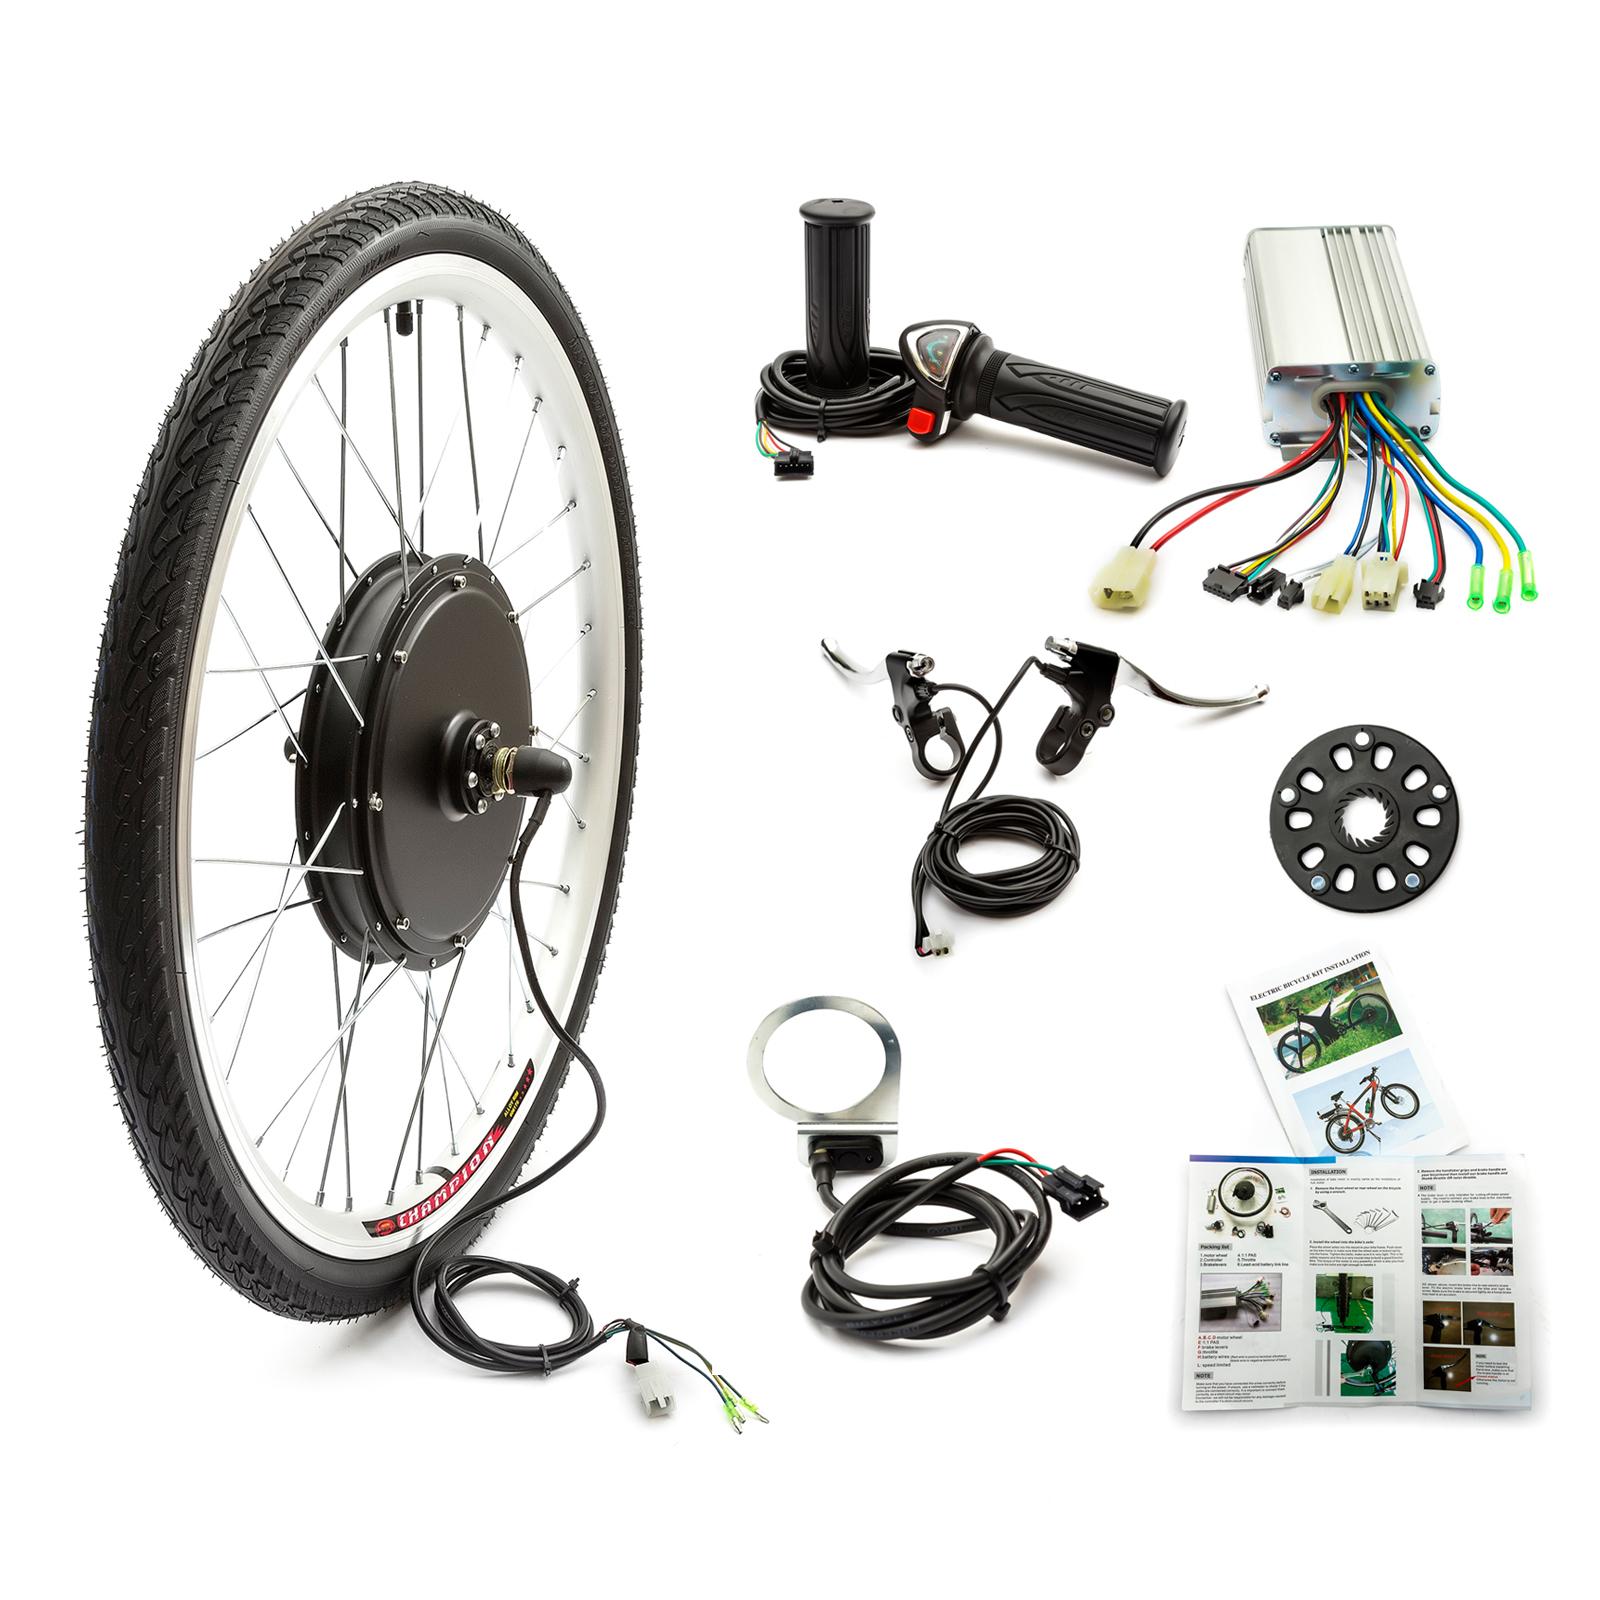 lectrique e bicyclette roue avant kit de conversion 48v 500w 26 39 39 v lo ebay